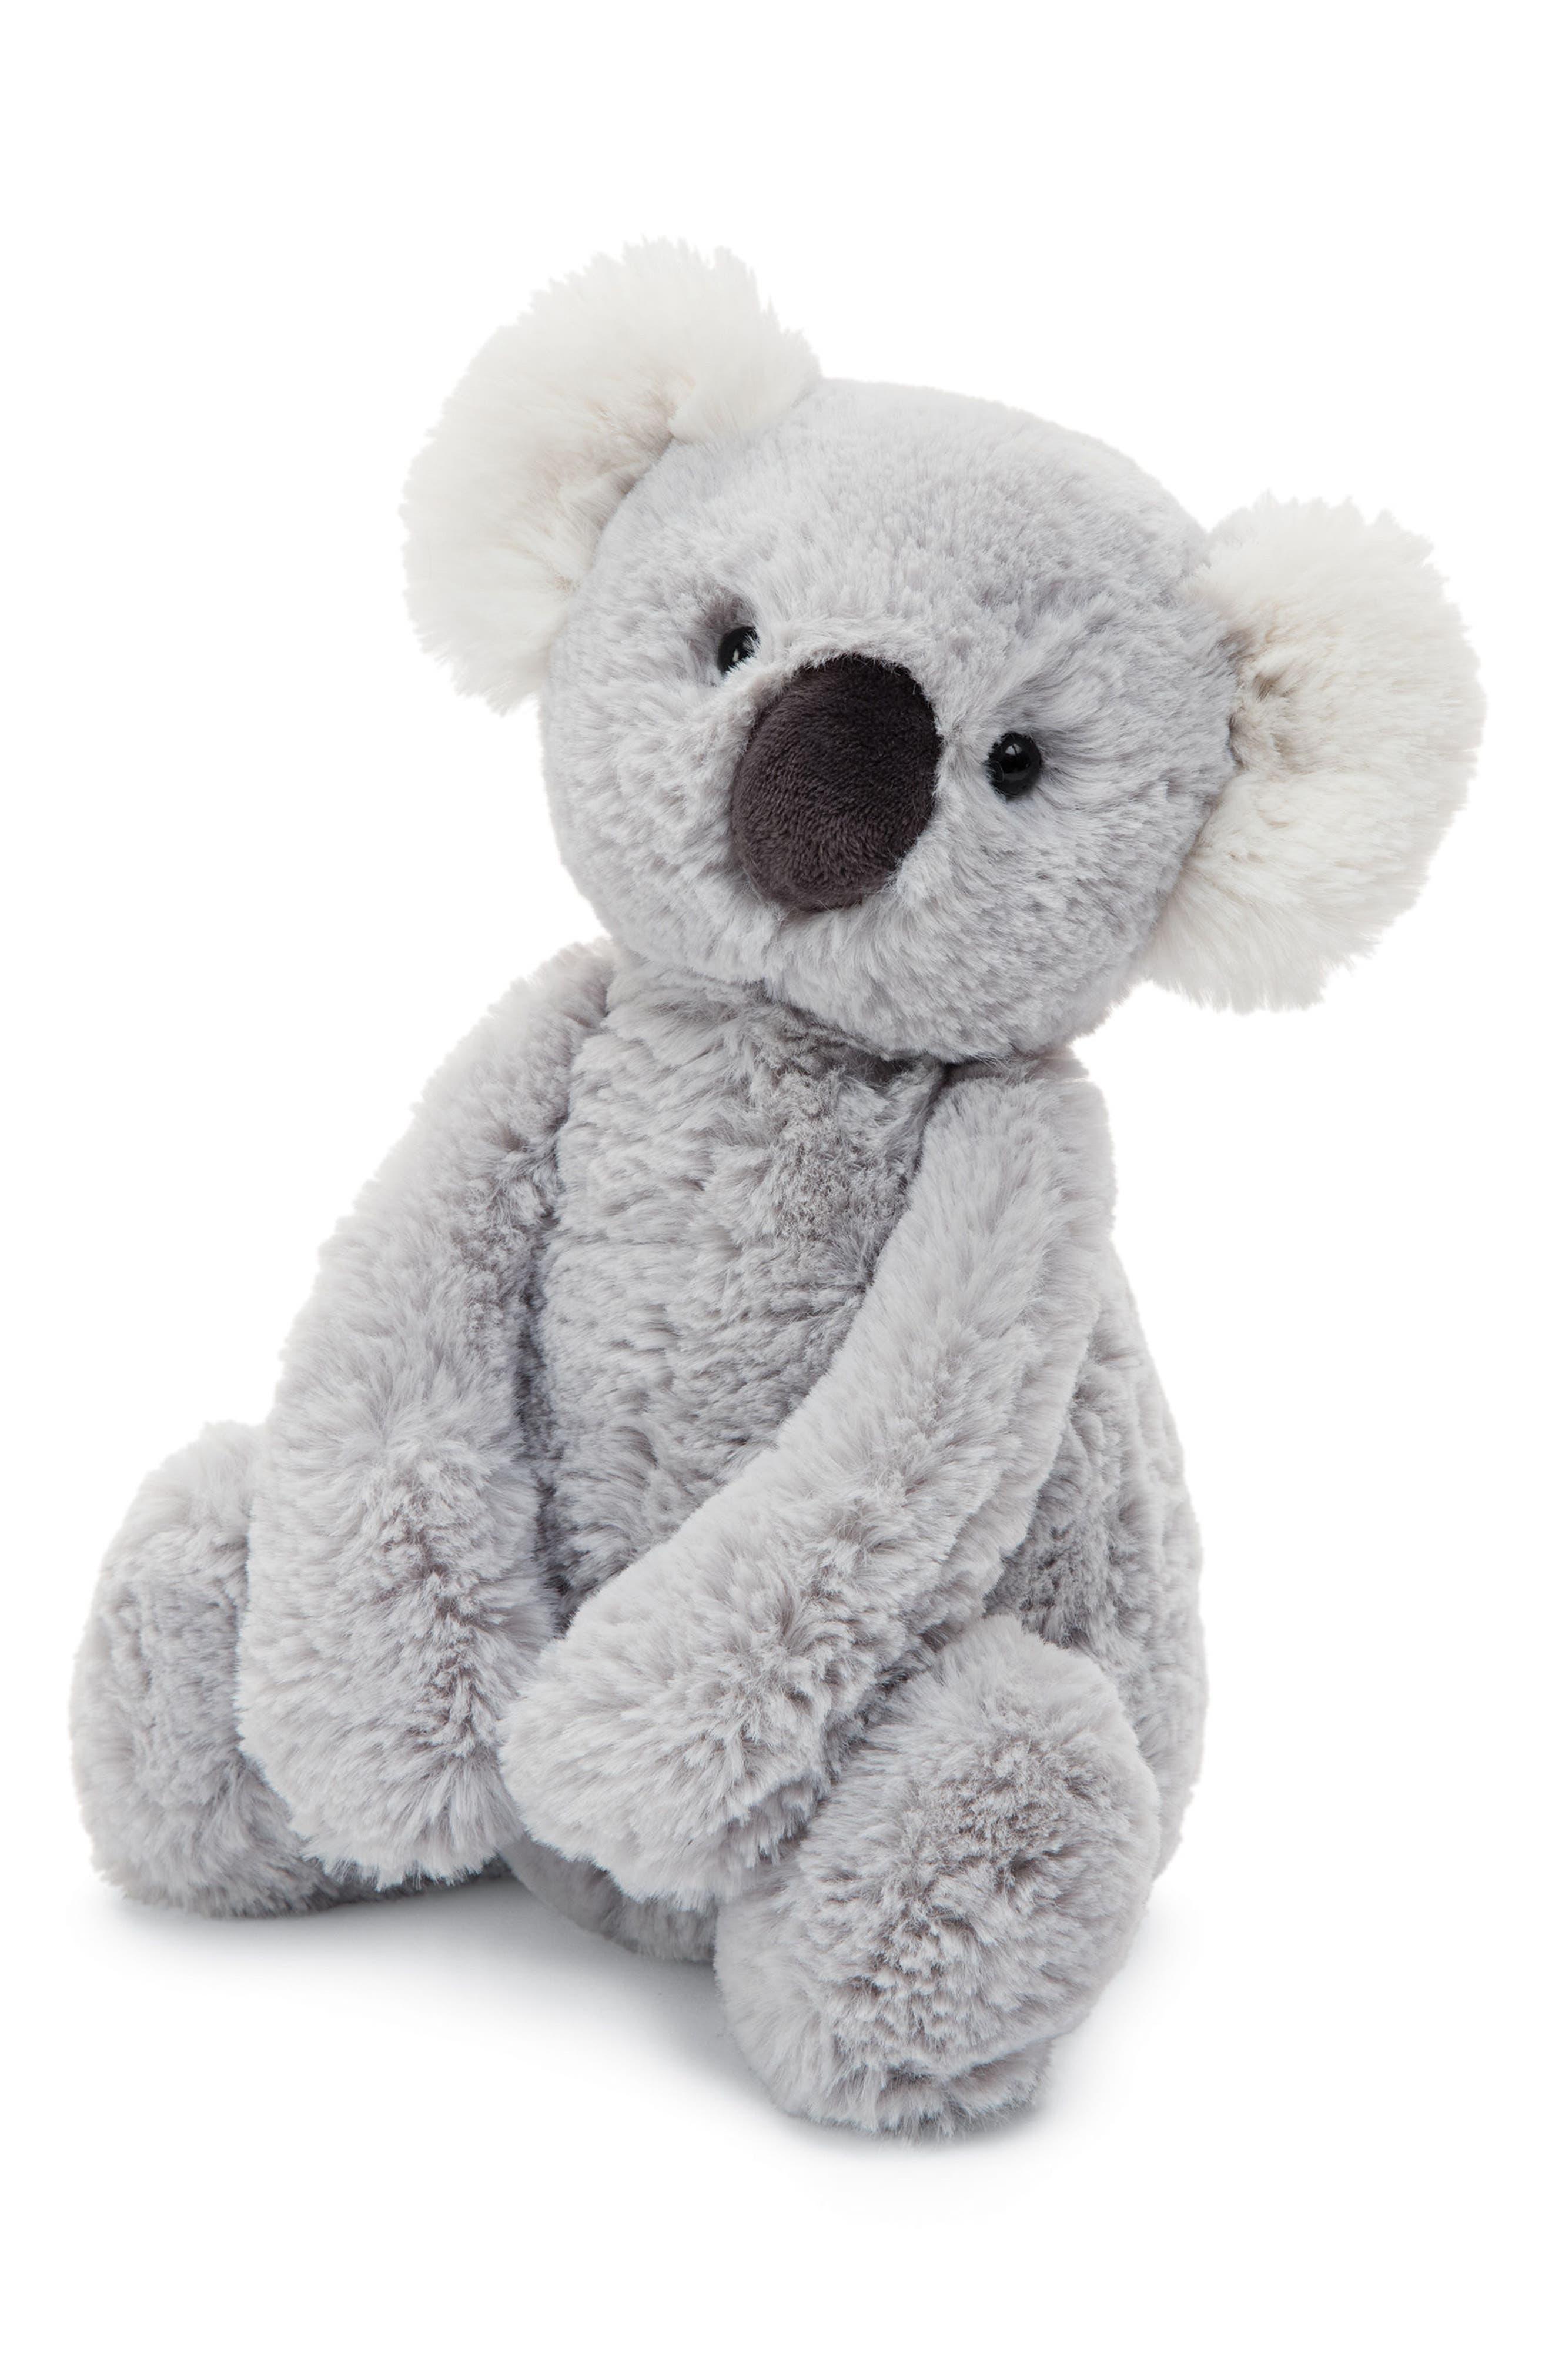 Bashful Koala Stuffed Animal,                             Main thumbnail 1, color,                             020